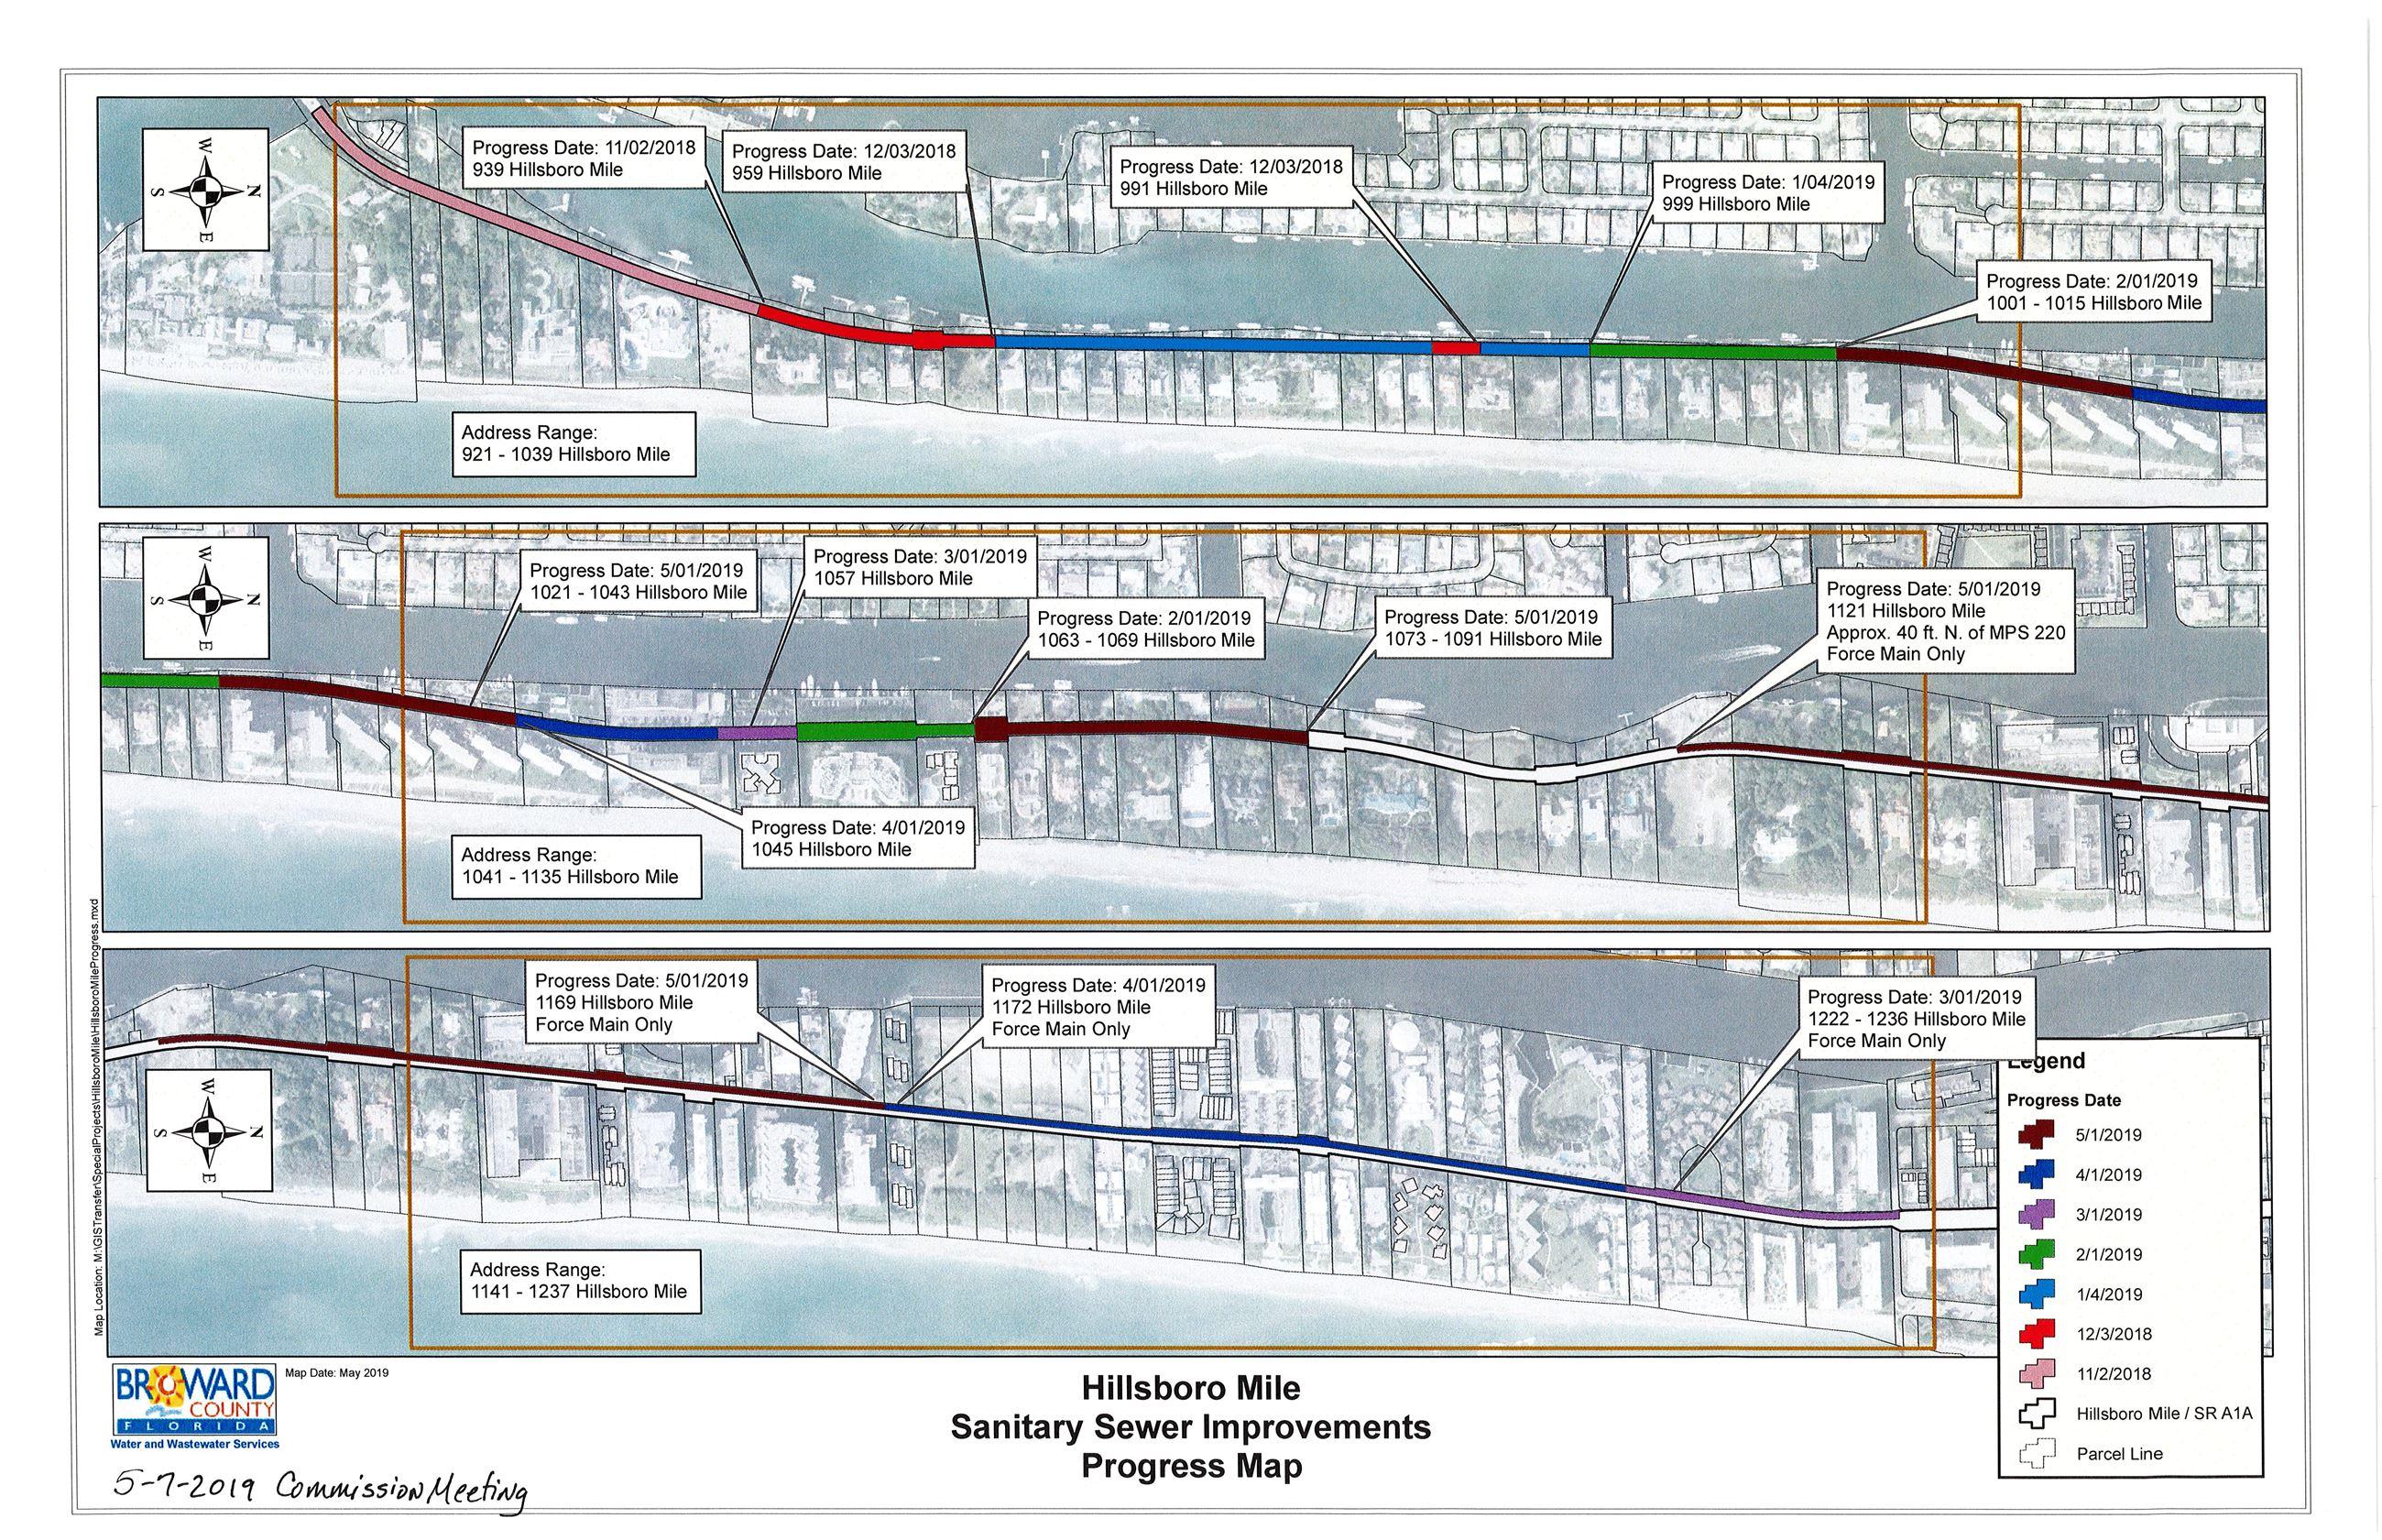 Sewer Improvements Progress Map (5-7-2019)